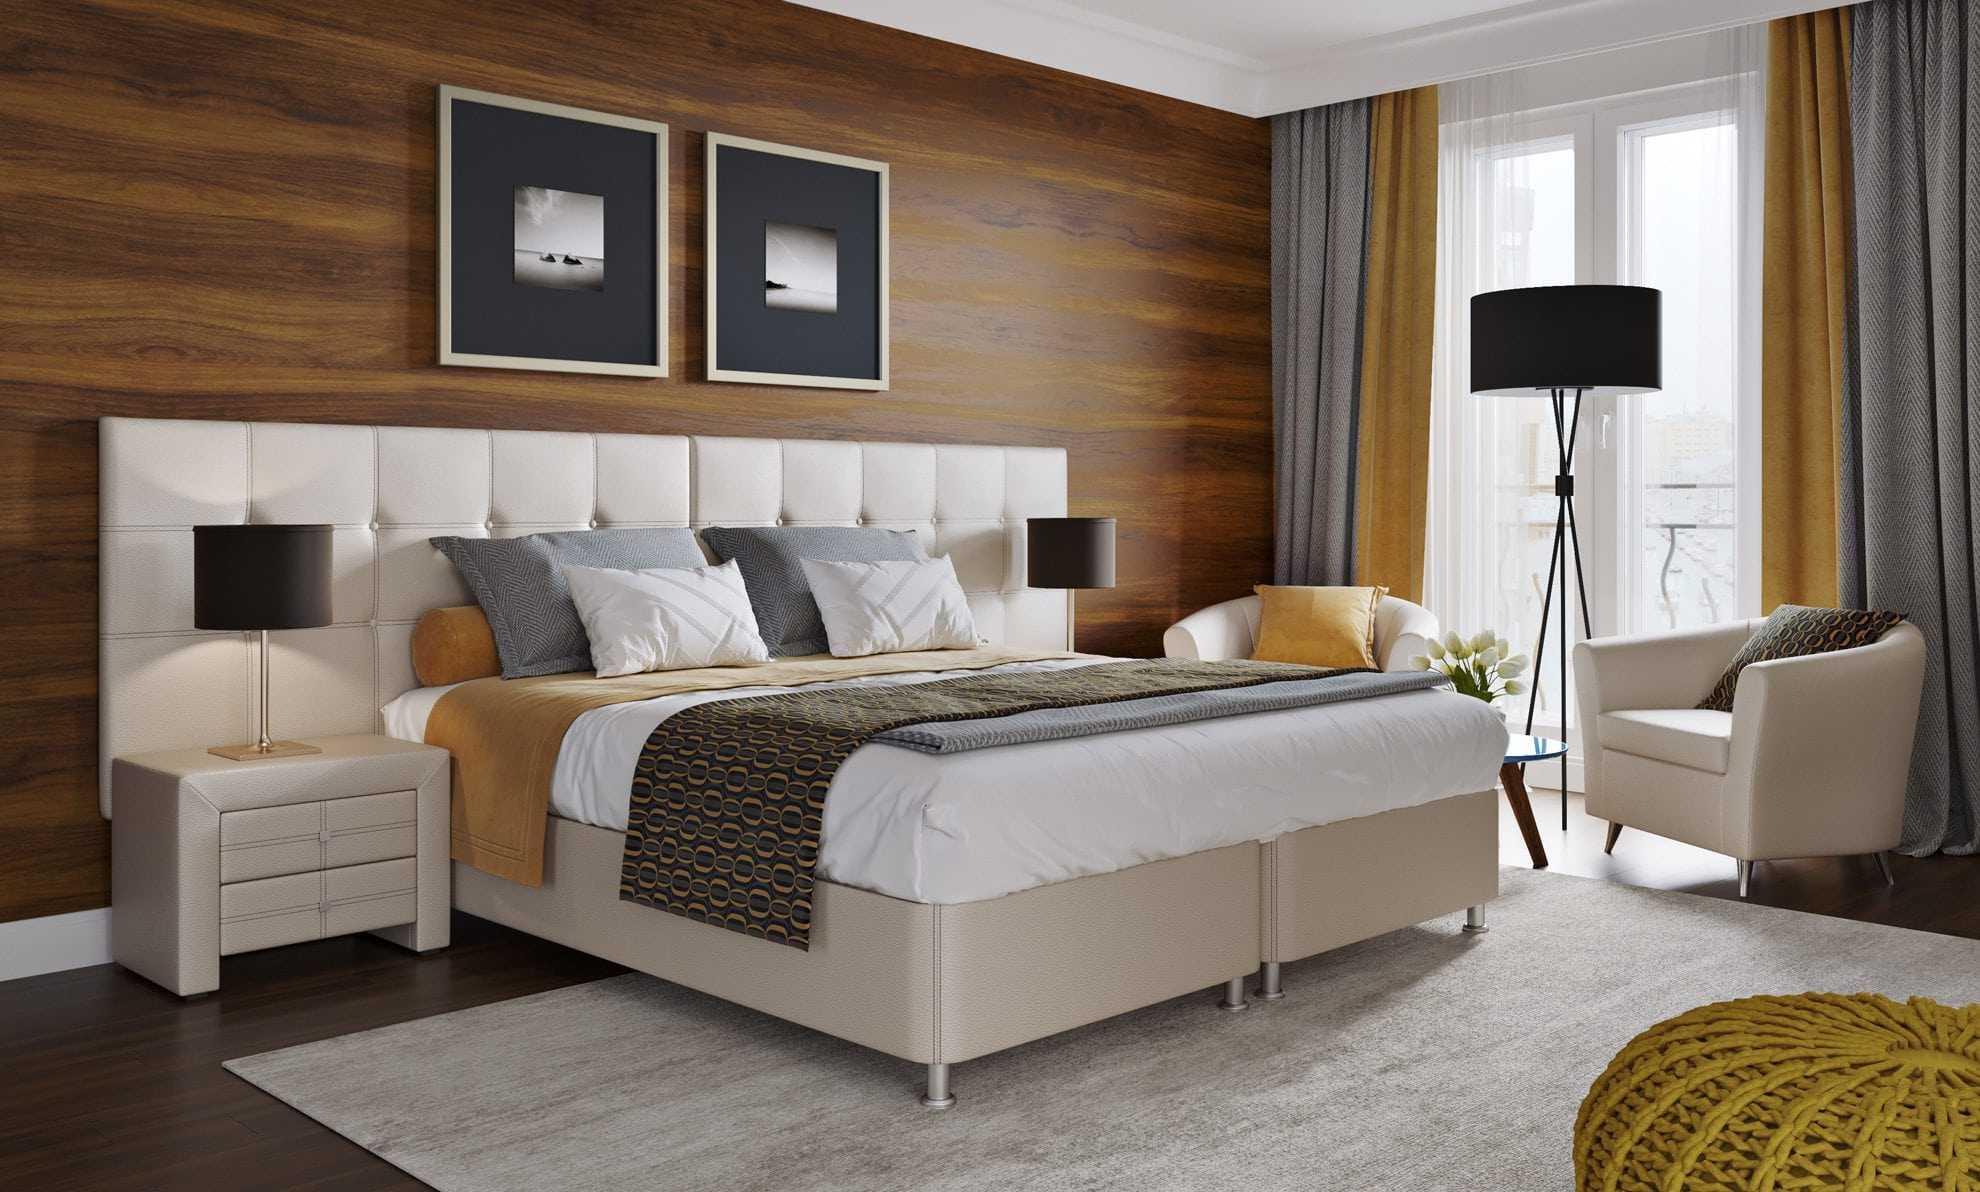 Какую кровать в спальню лучше выбрать, требования и критерии